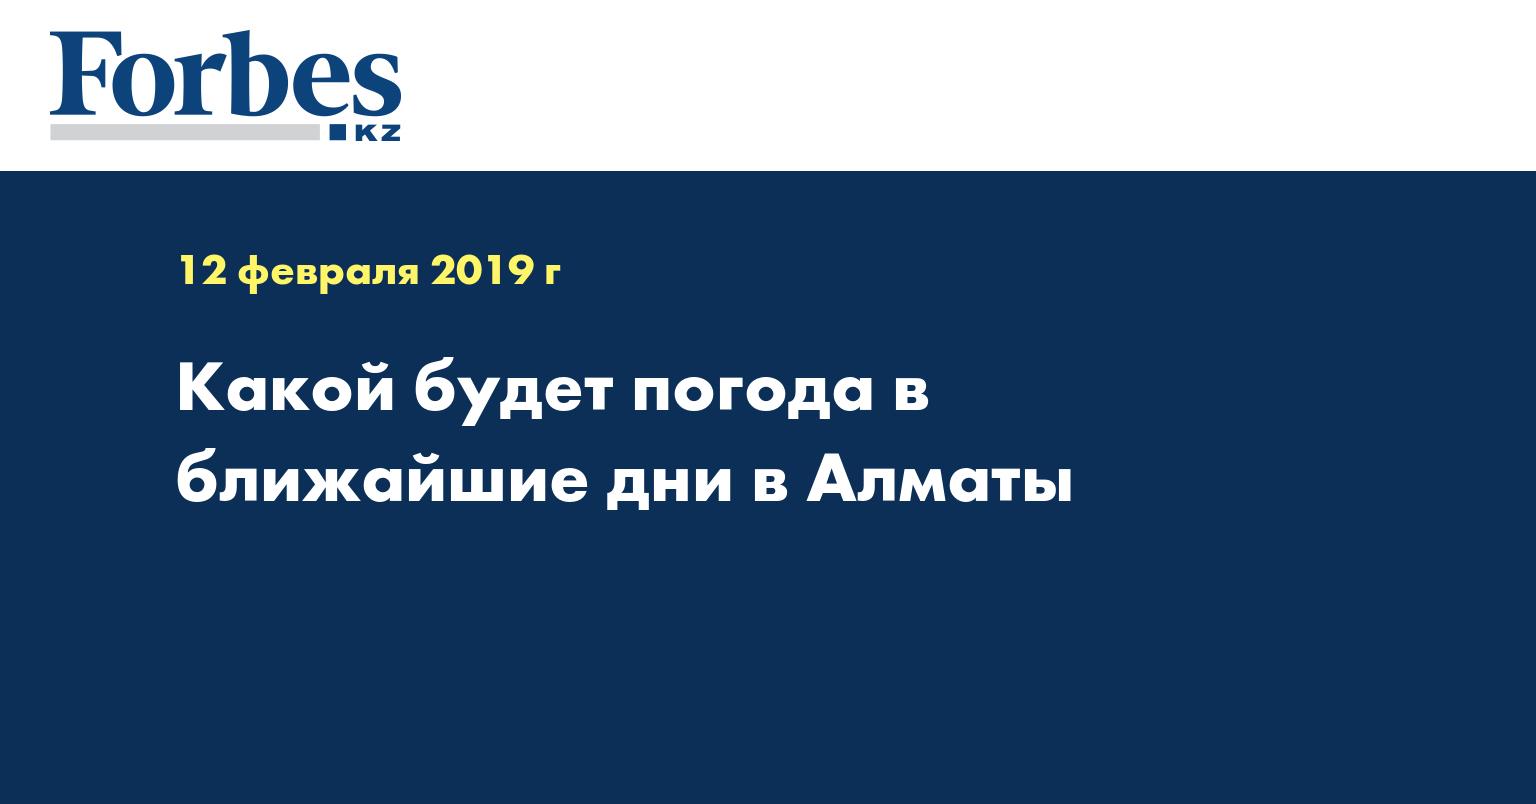 Какой будет погода в ближайшие дни в Алматы